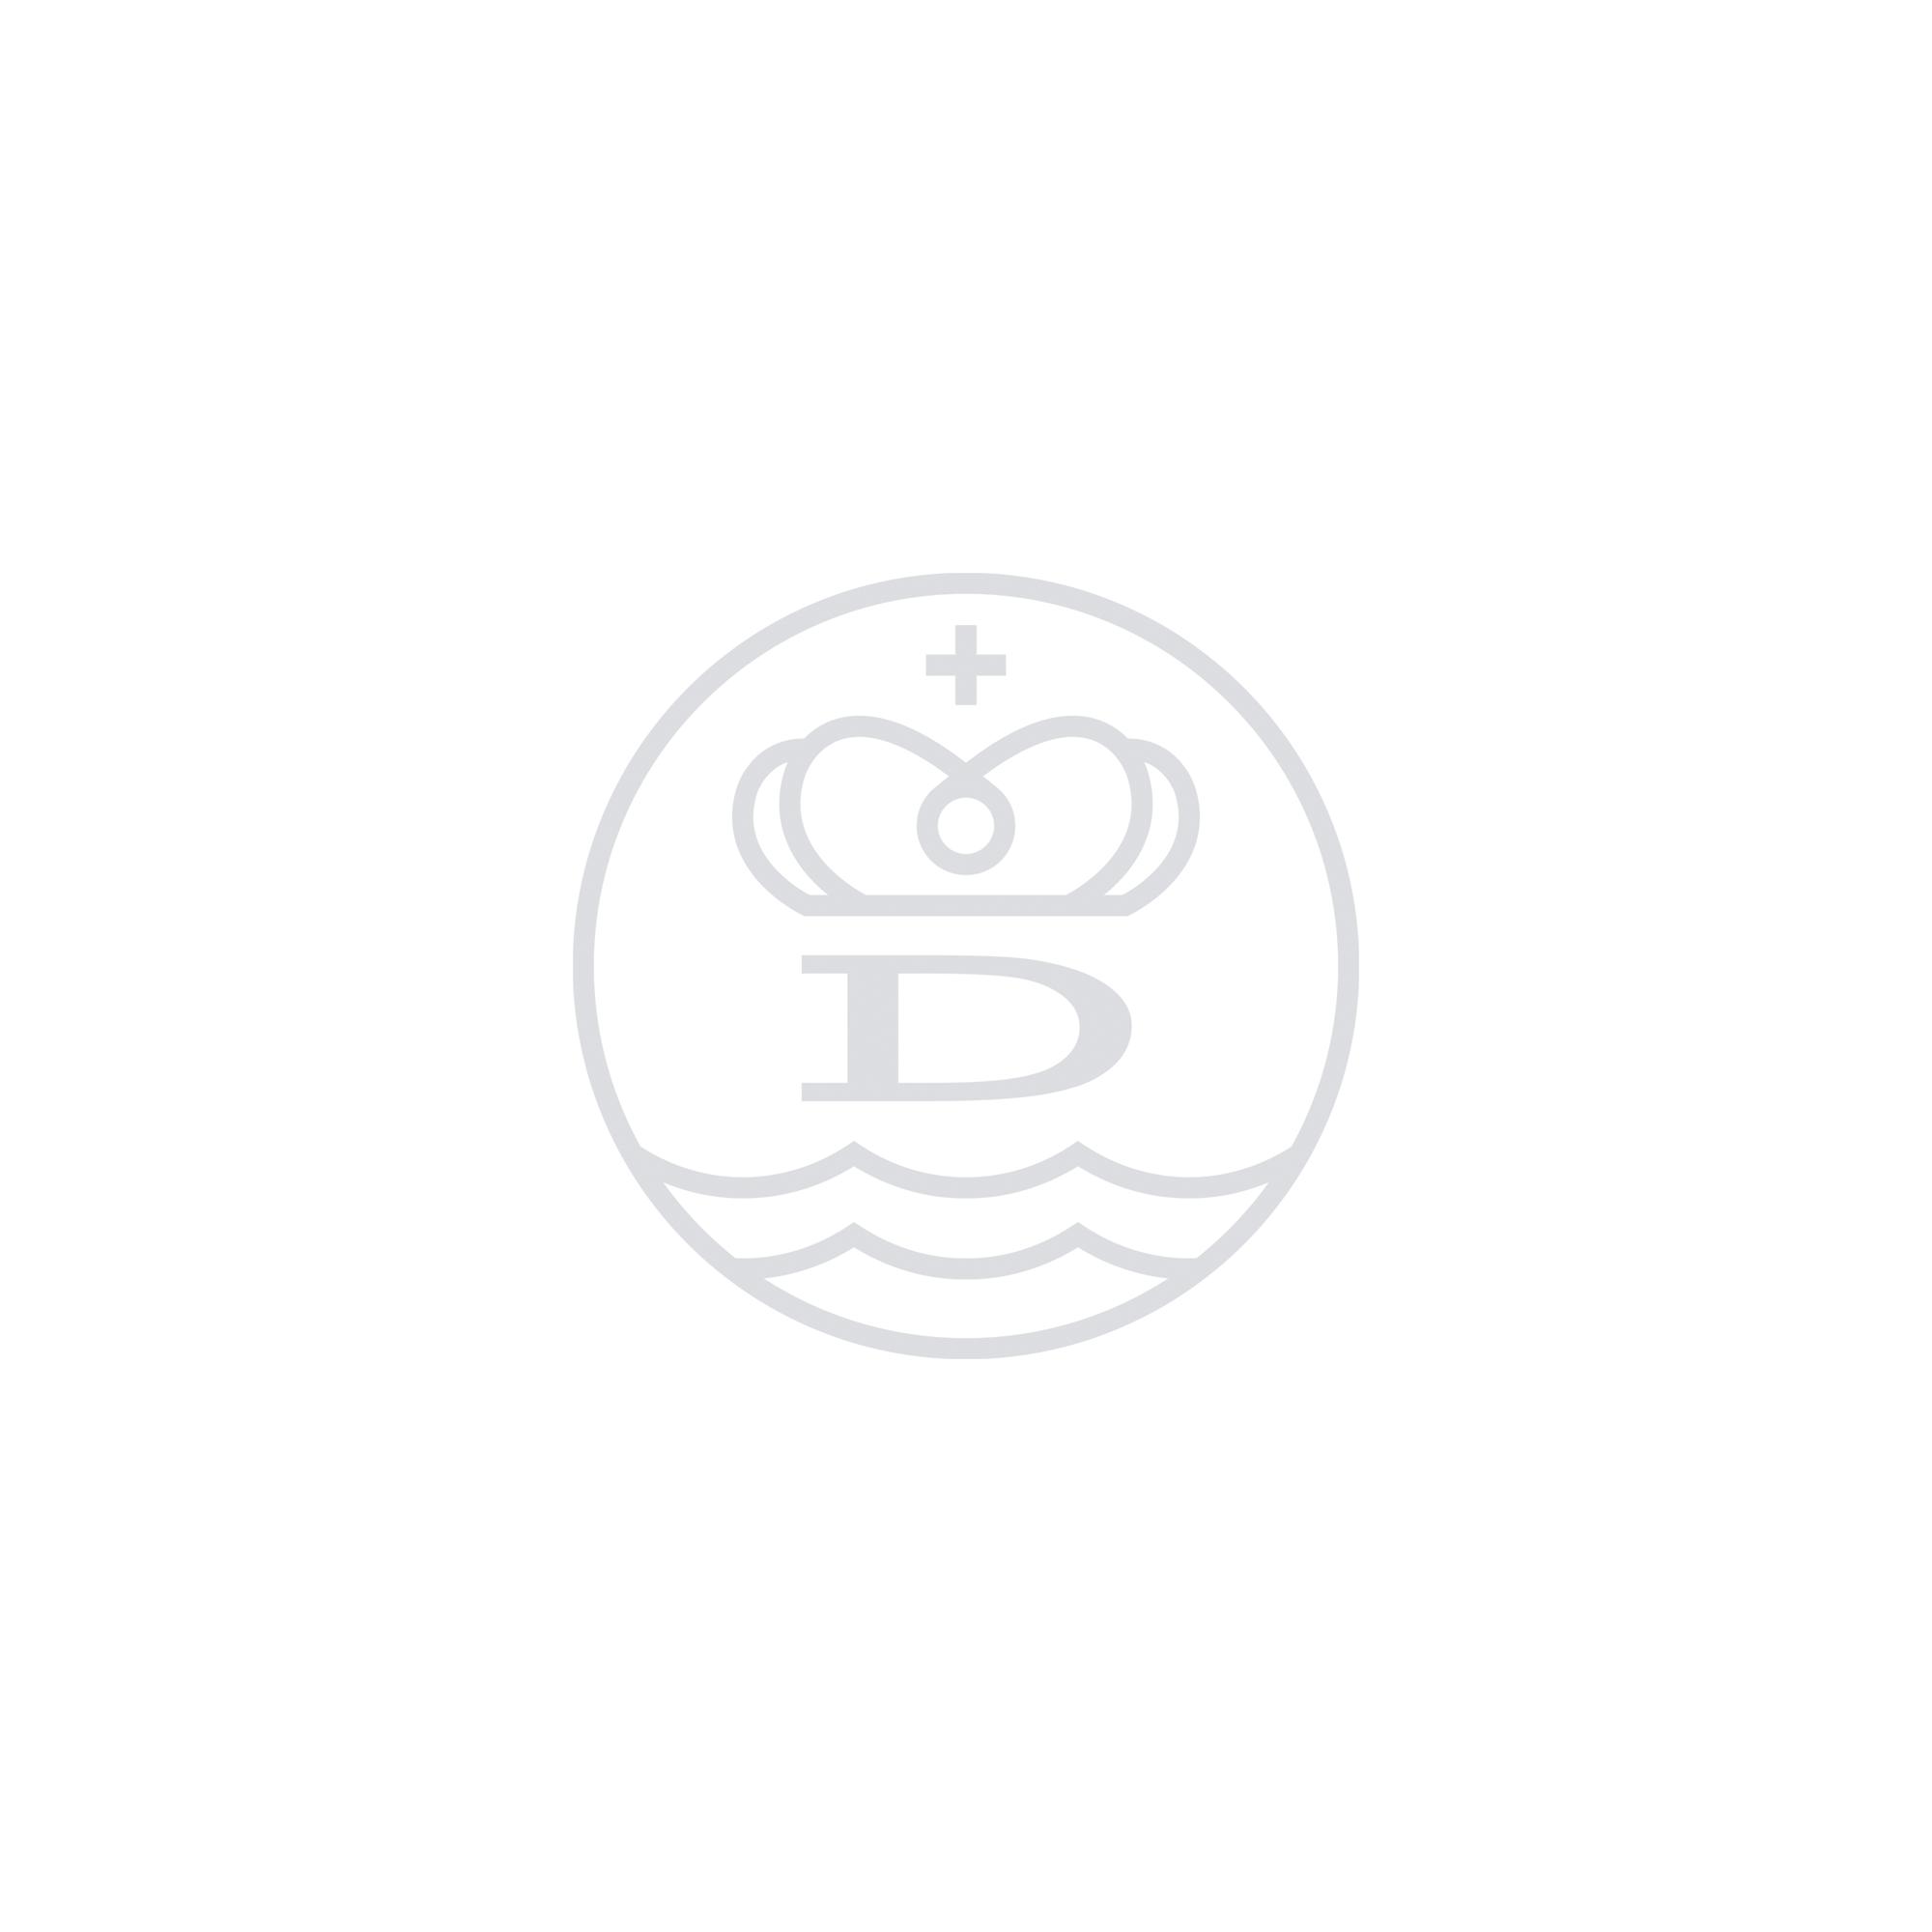 Gold Luxury Signature Bangle